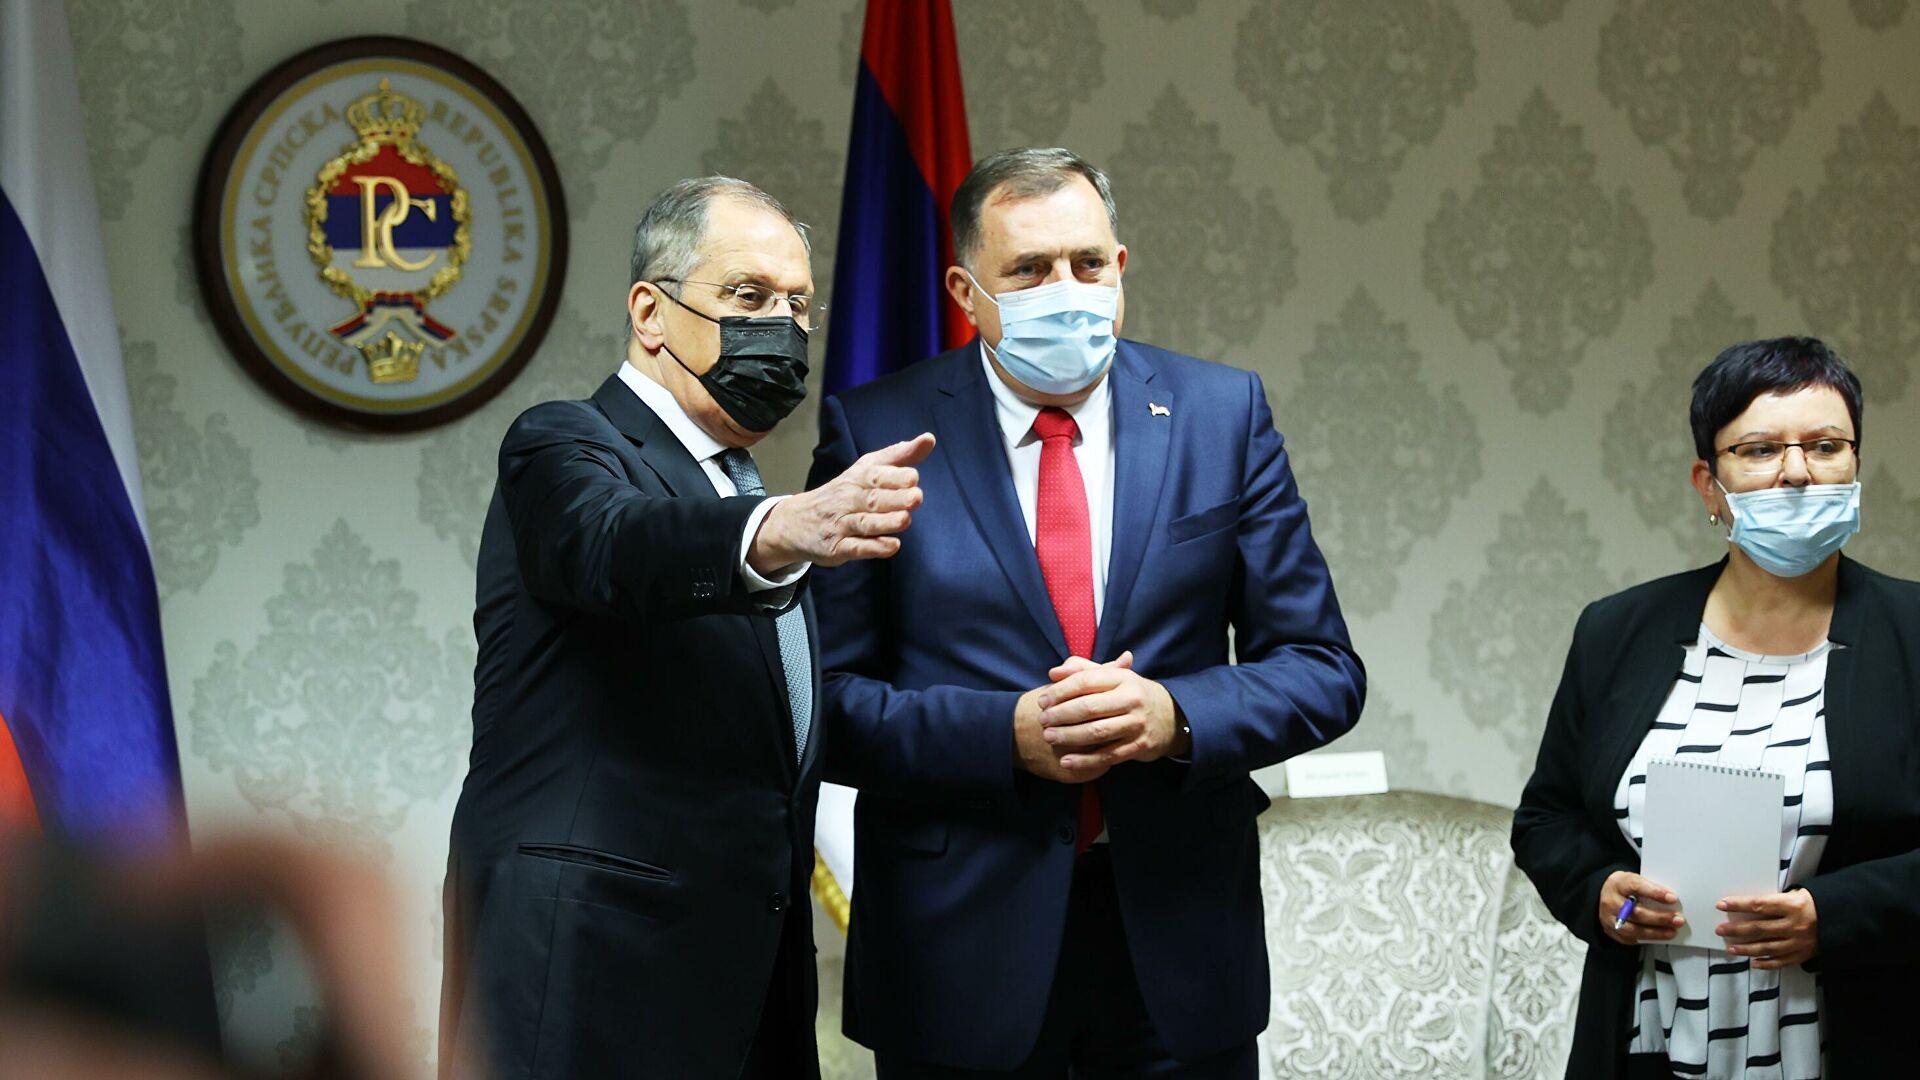 U Ukrajini pokrenut krivični postupak zbog ikone koju je Dodik poklonio Lavrovu